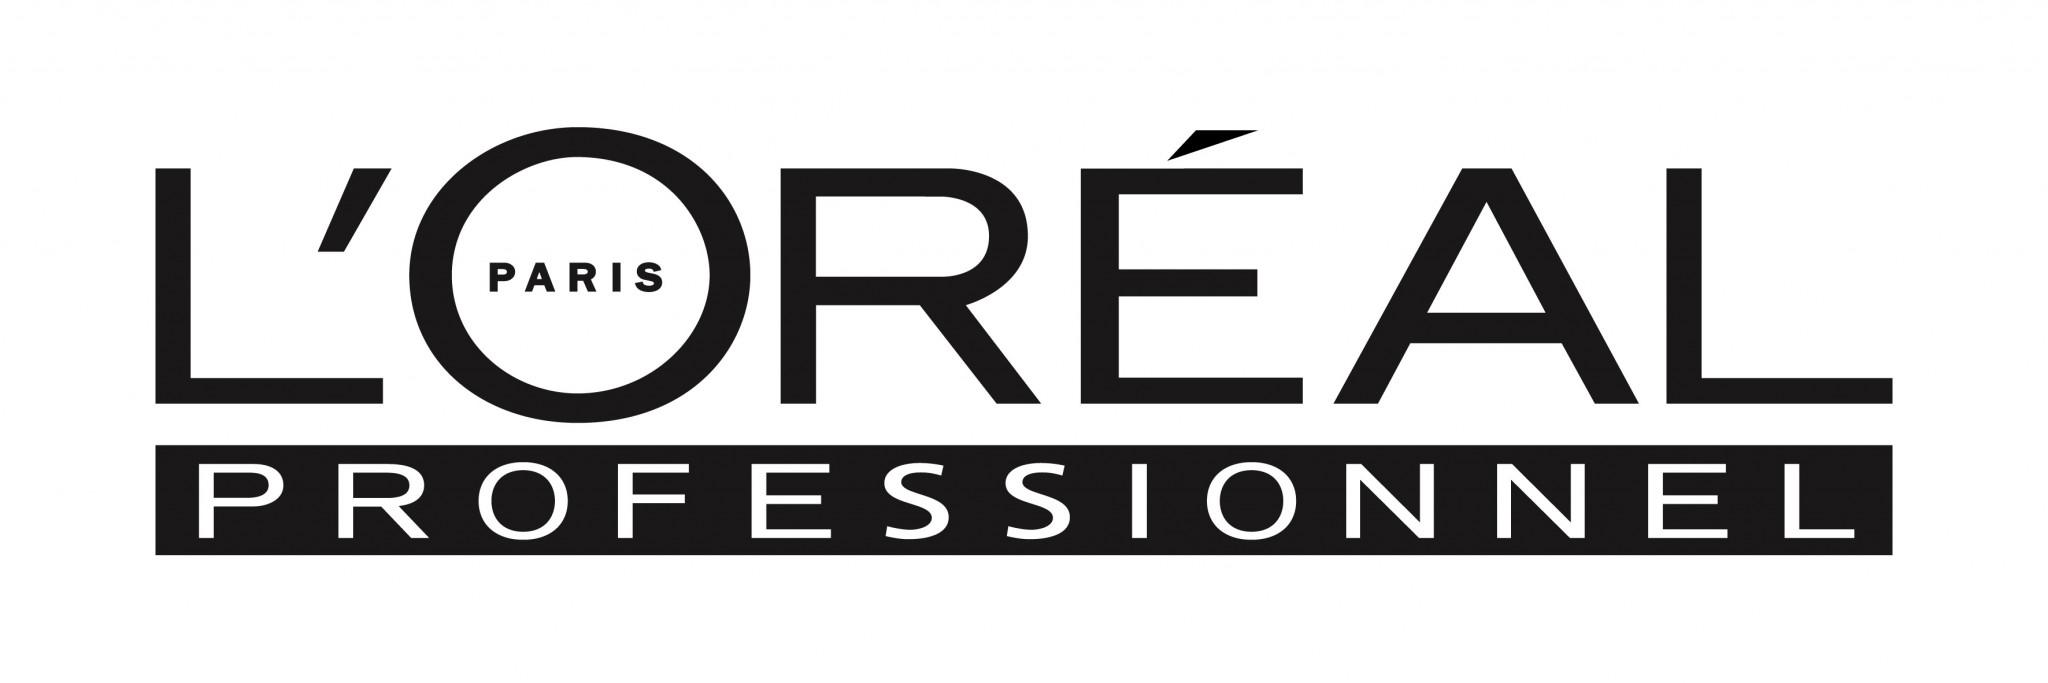 LOréal-Professionnel-Logo.jpg